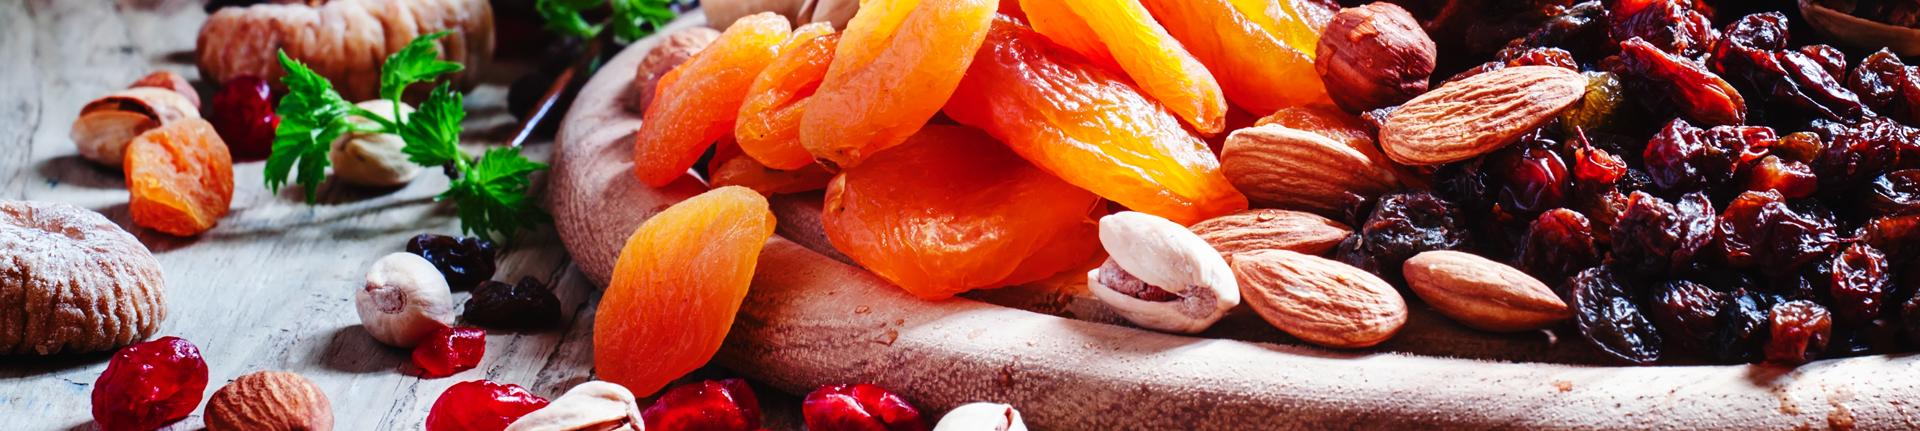 Nuts e frutas secas: conheça os benefícios desses alimentos